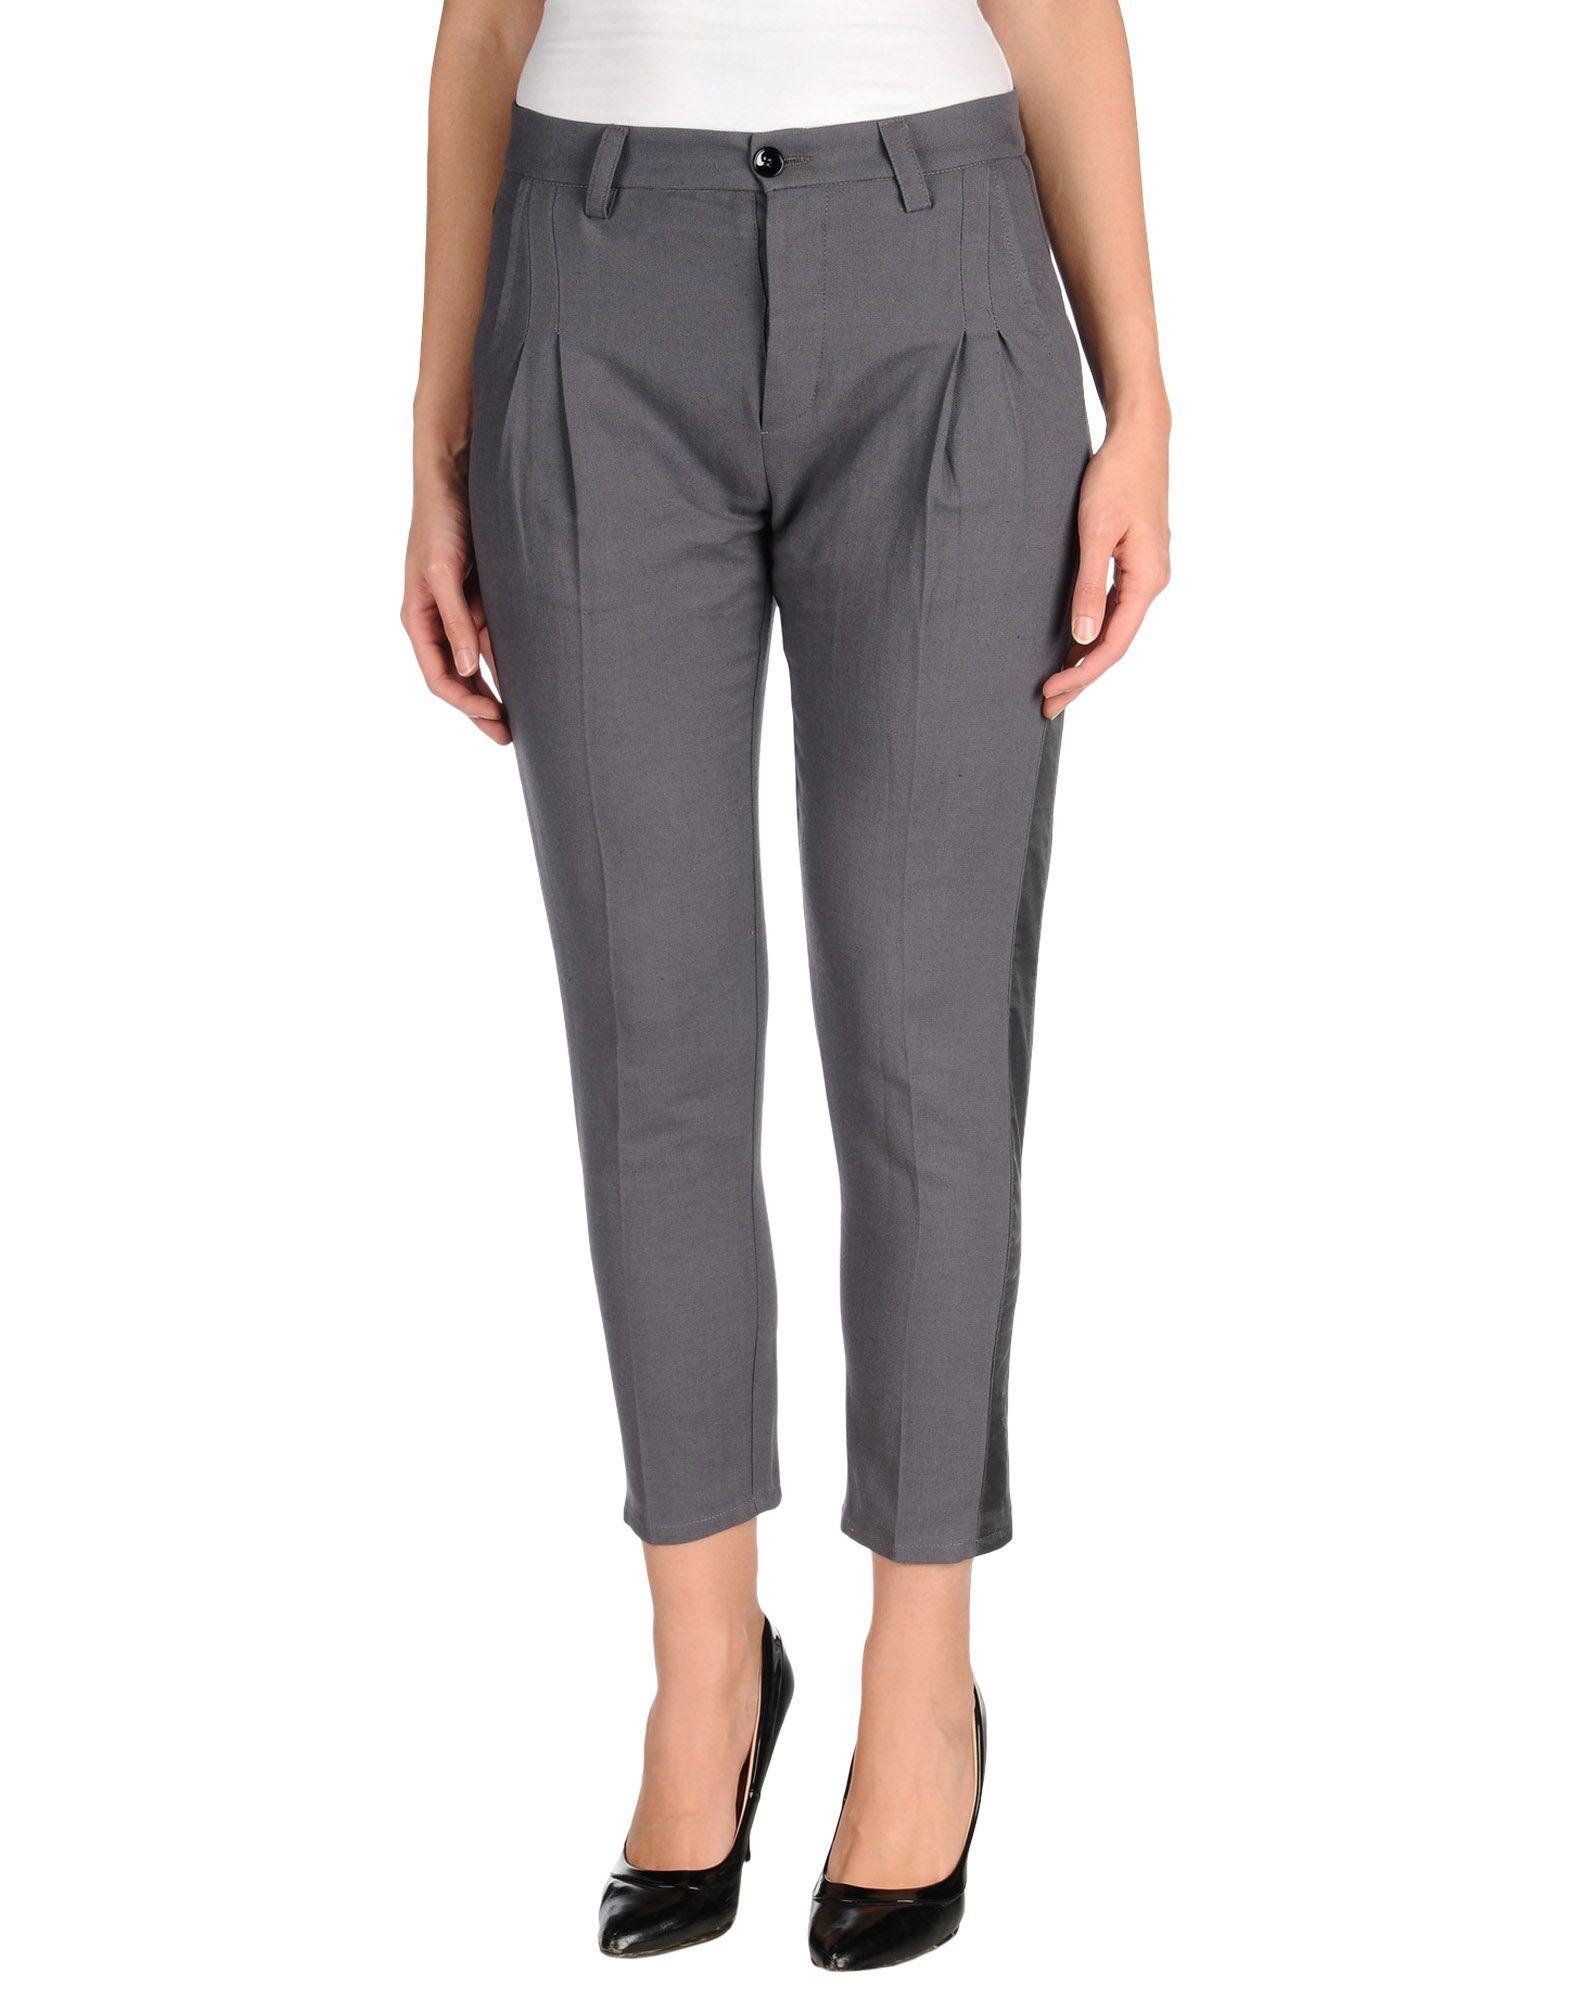 KI Повседневные брюки брюки для беременных topshop 4 22